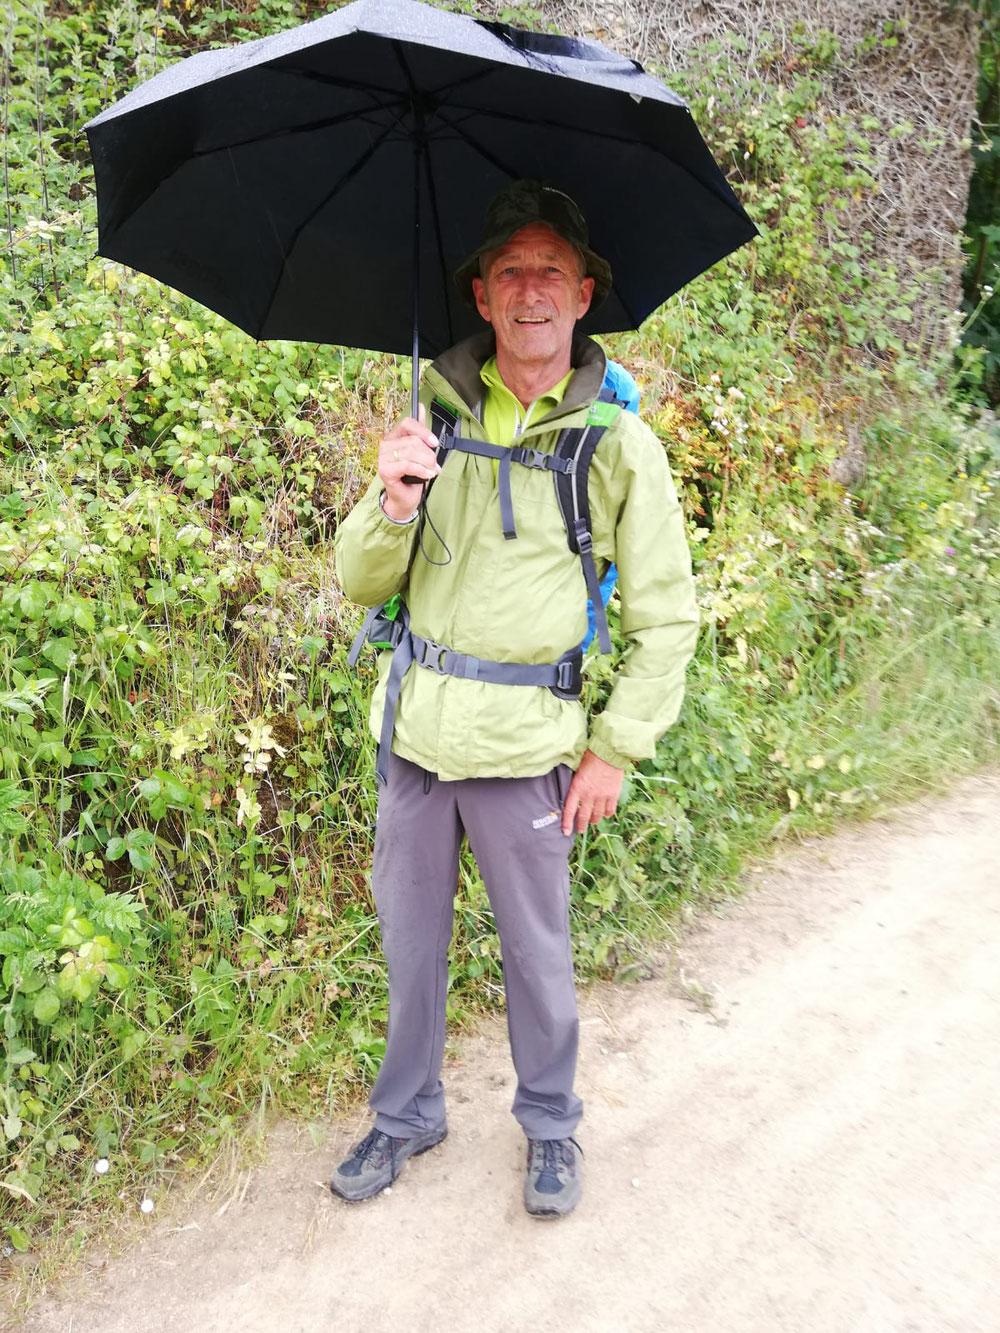 Willi mit Schirm und ich im Poncho.